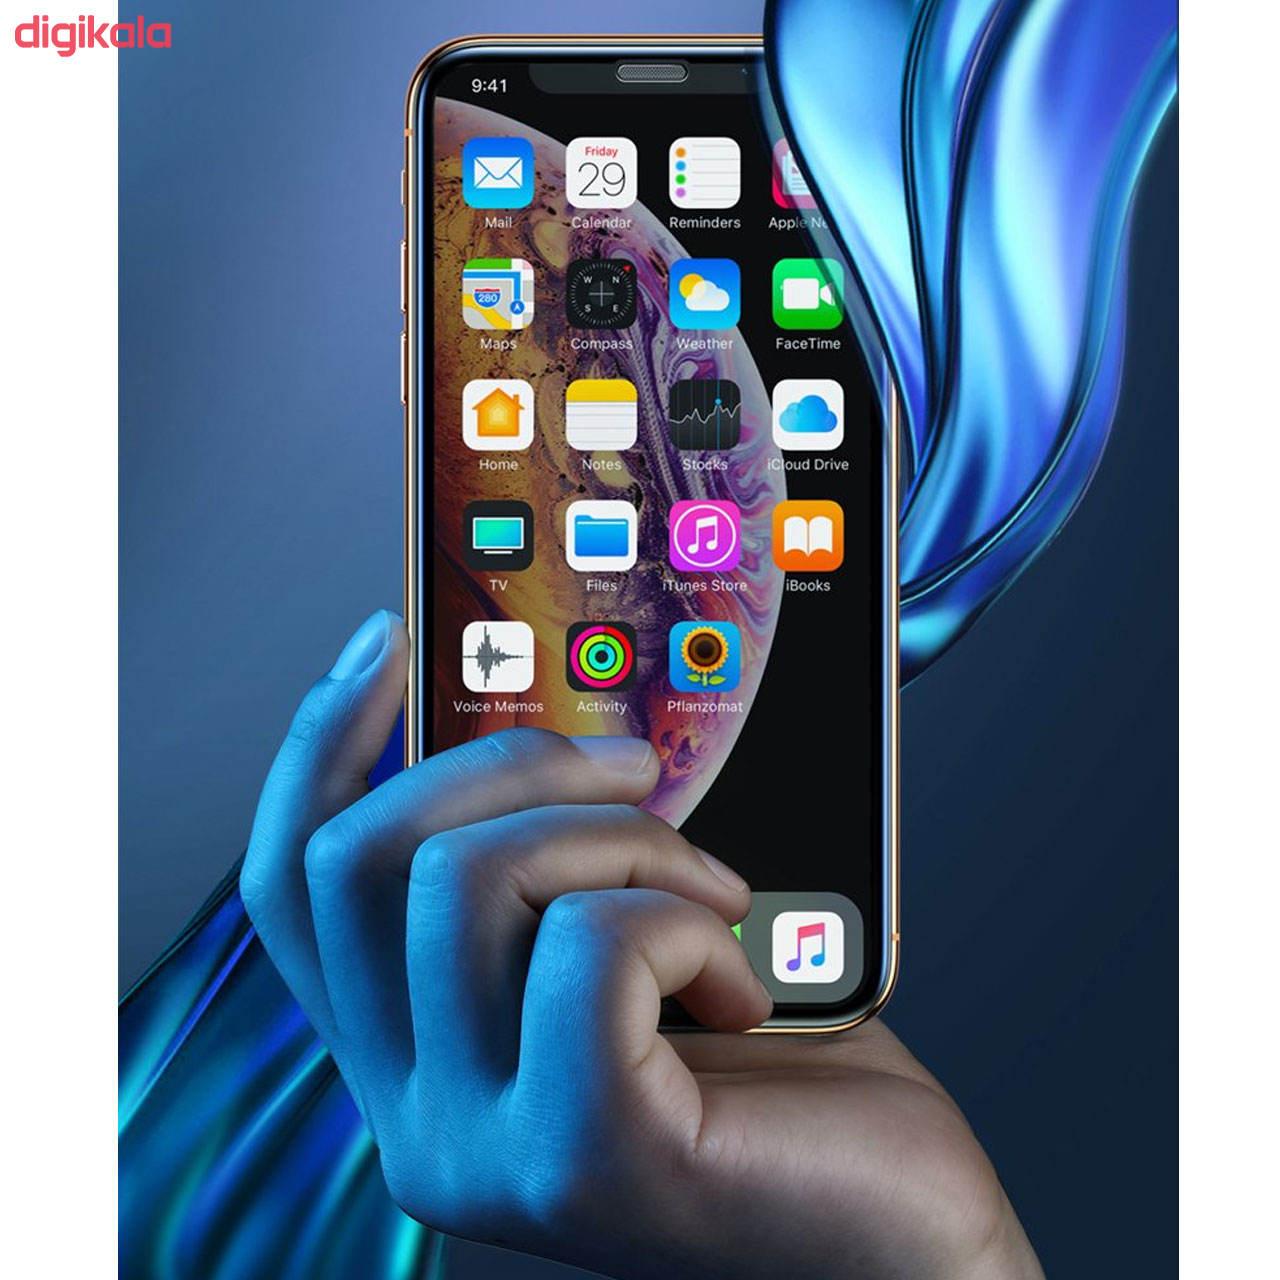 محافظ صفحه نمایش مدل FCG مناسب برای گوشی موبایل اپل iPhone 12 Pro بسته دو عددی main 1 11